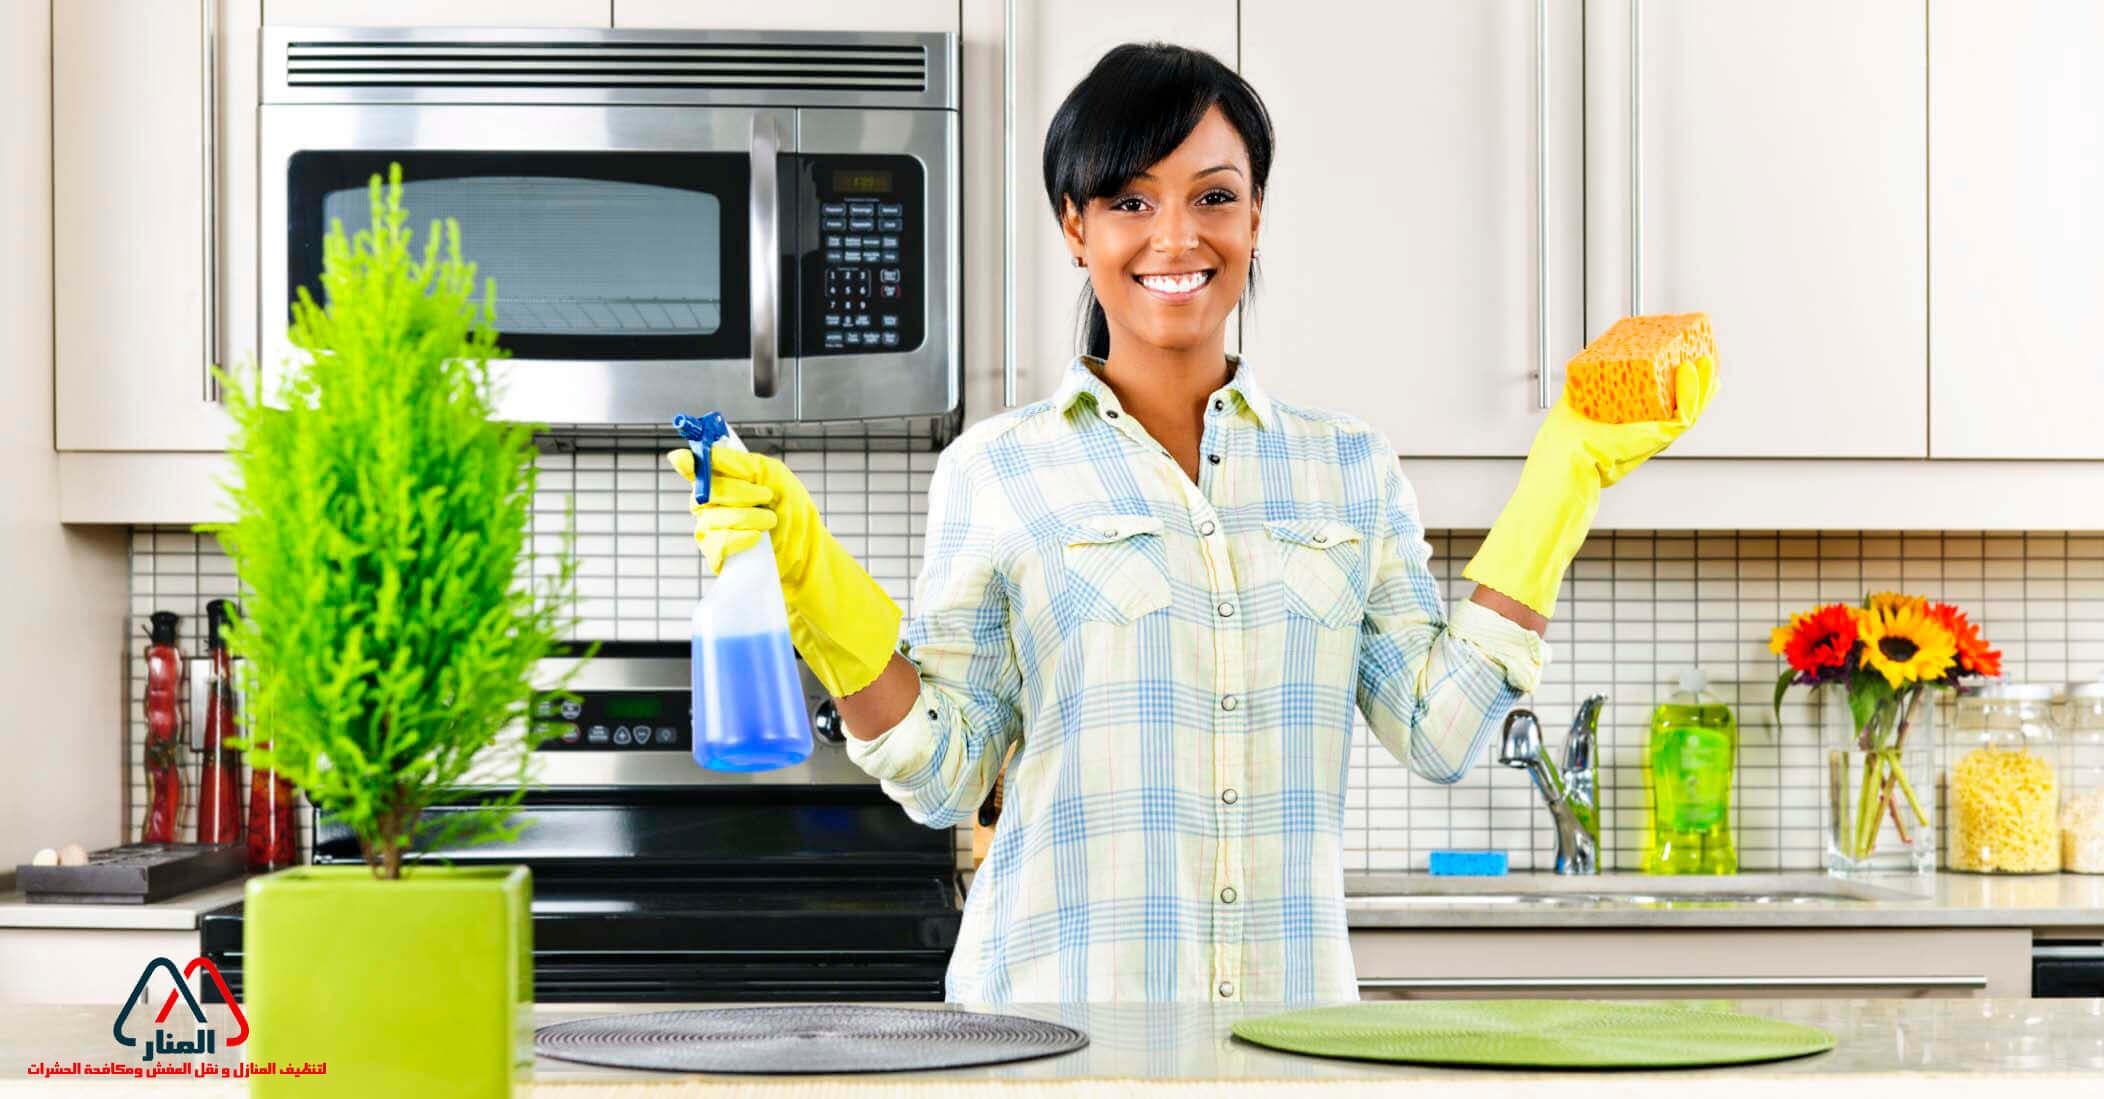 اسهل طرق لتنظيف المنزل